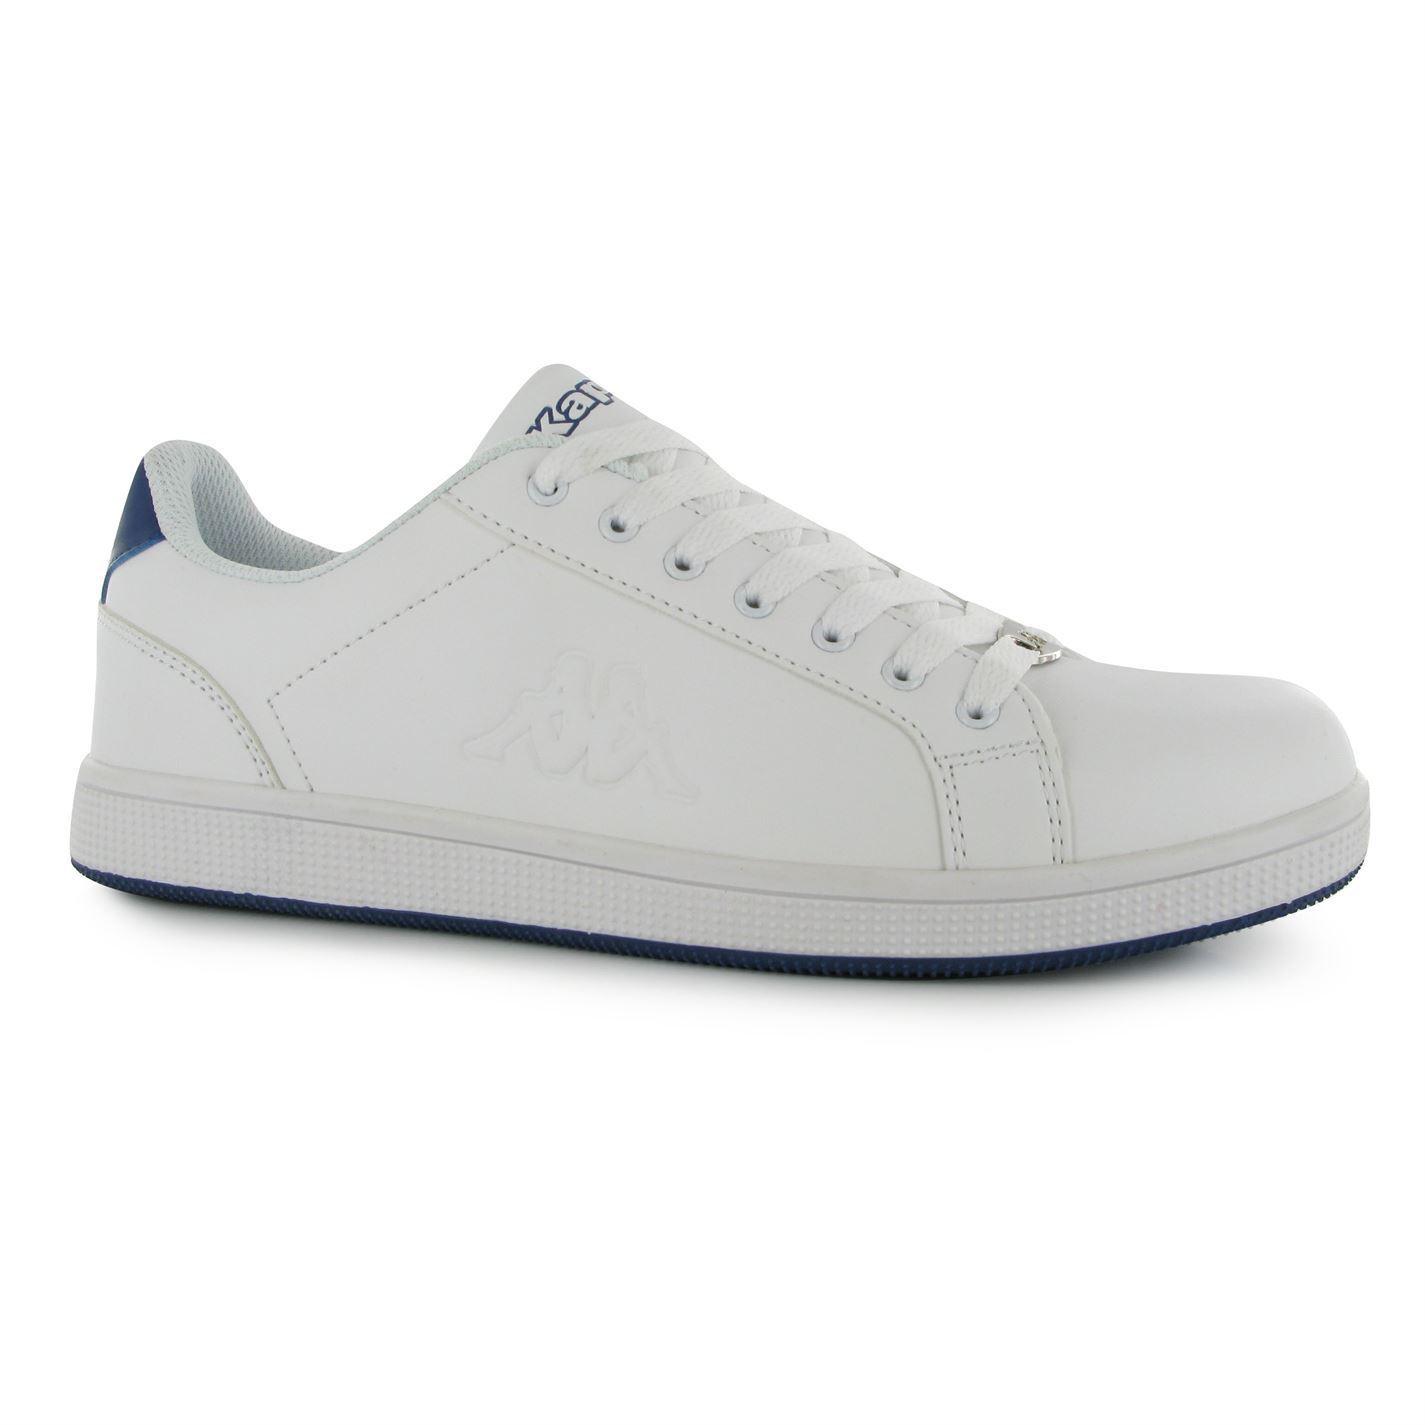 Baskets Tennis Chaussures de Sport Homme KAPPA au (Du 41 au KAPPA 46) Neuves 450302